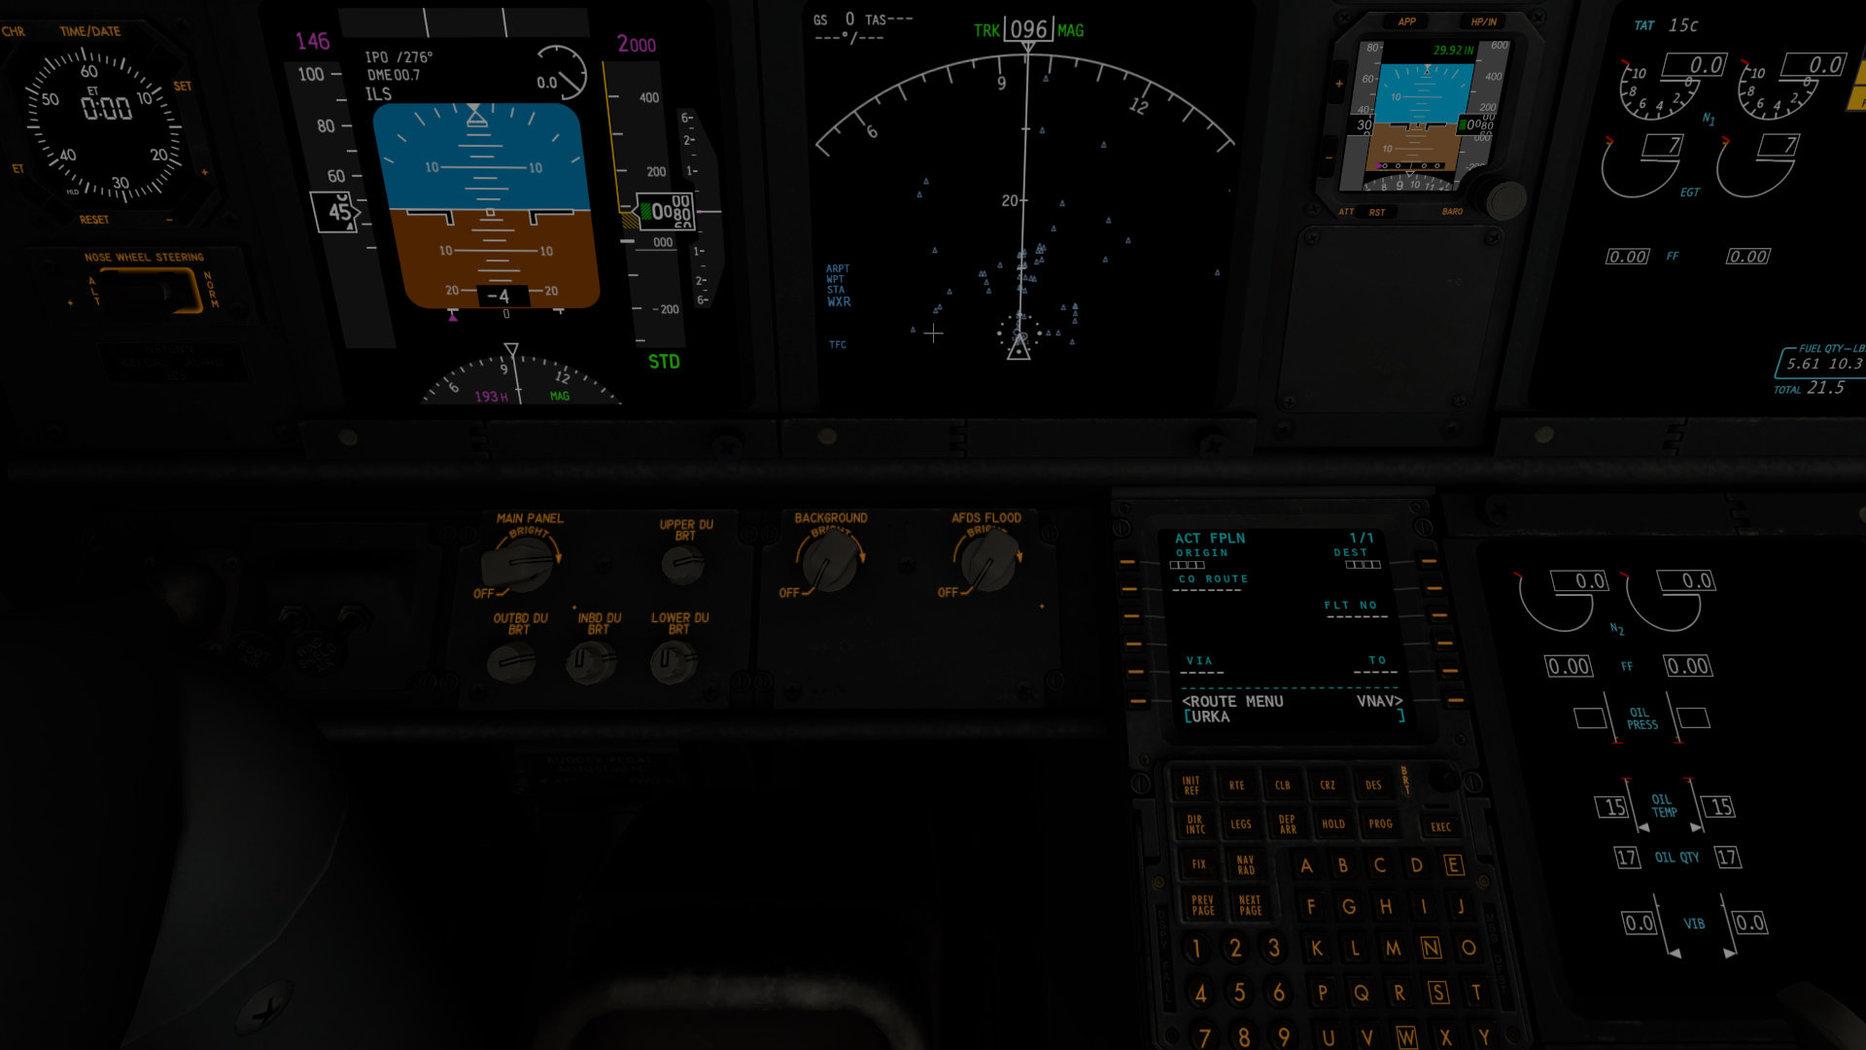 X-Plane 2018-11-04 18-03-48-932.jpg